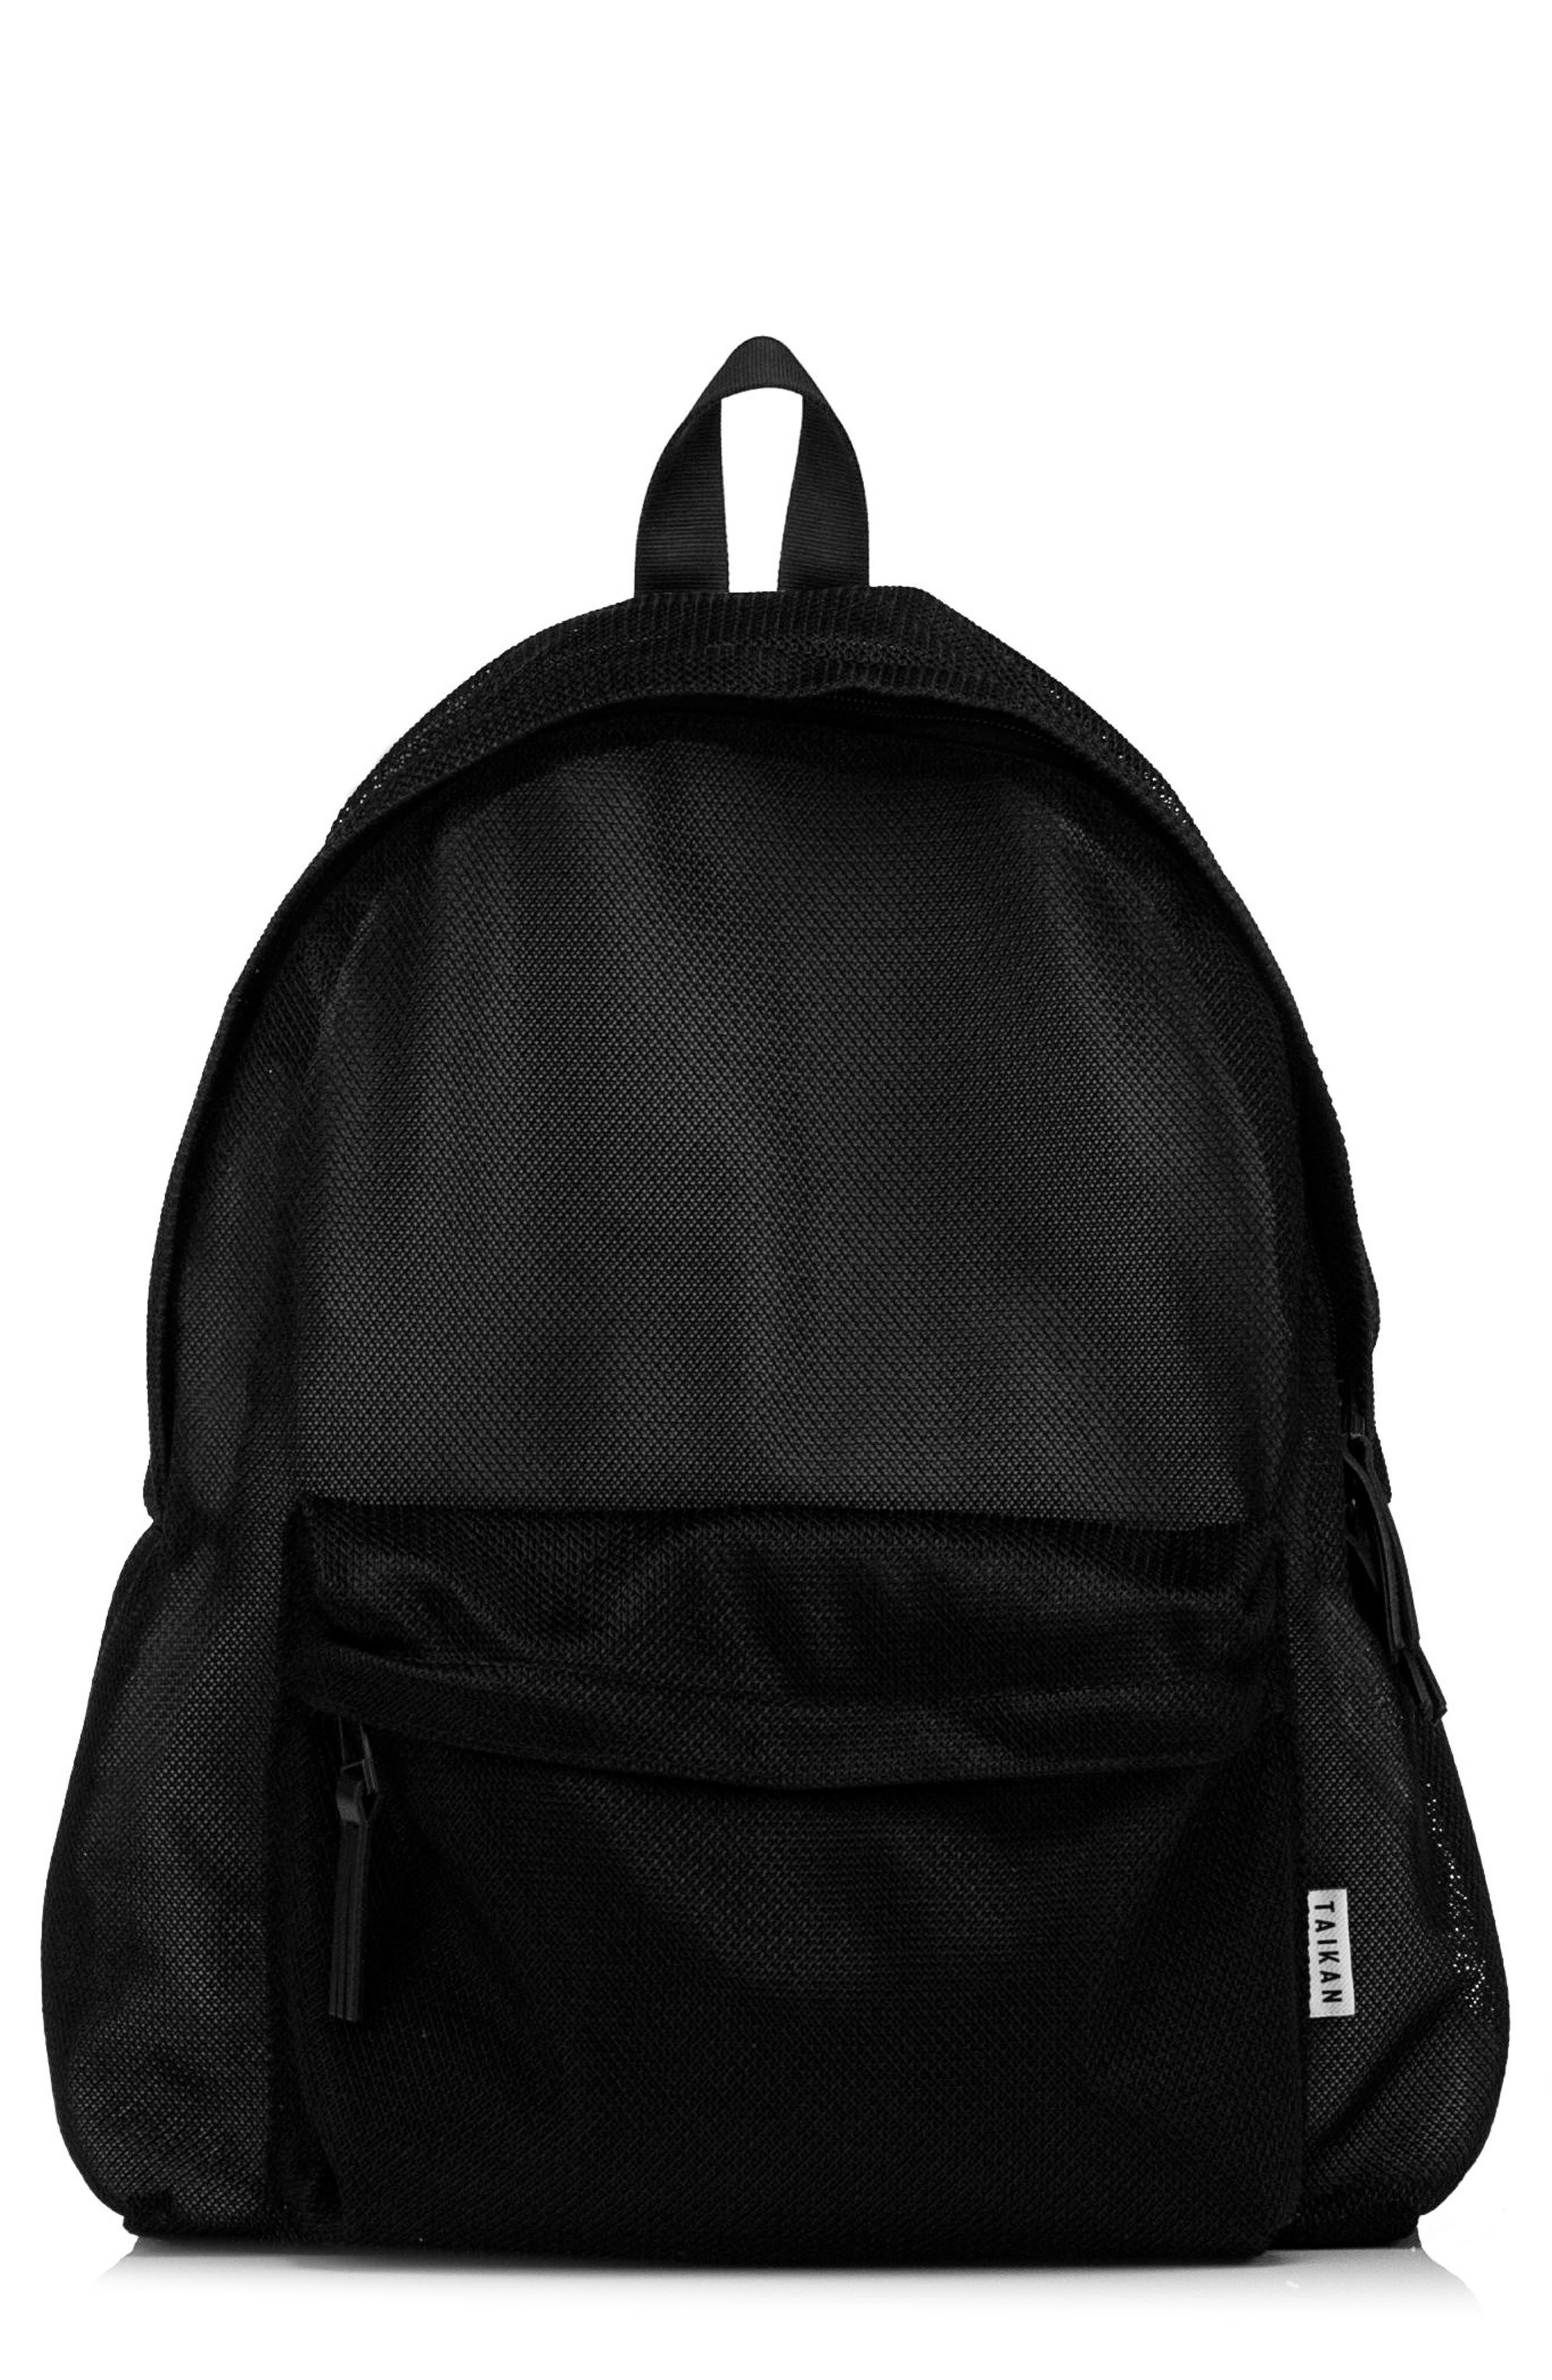 Hornet Mesh Backpack,                             Main thumbnail 1, color,                             Black Mesh